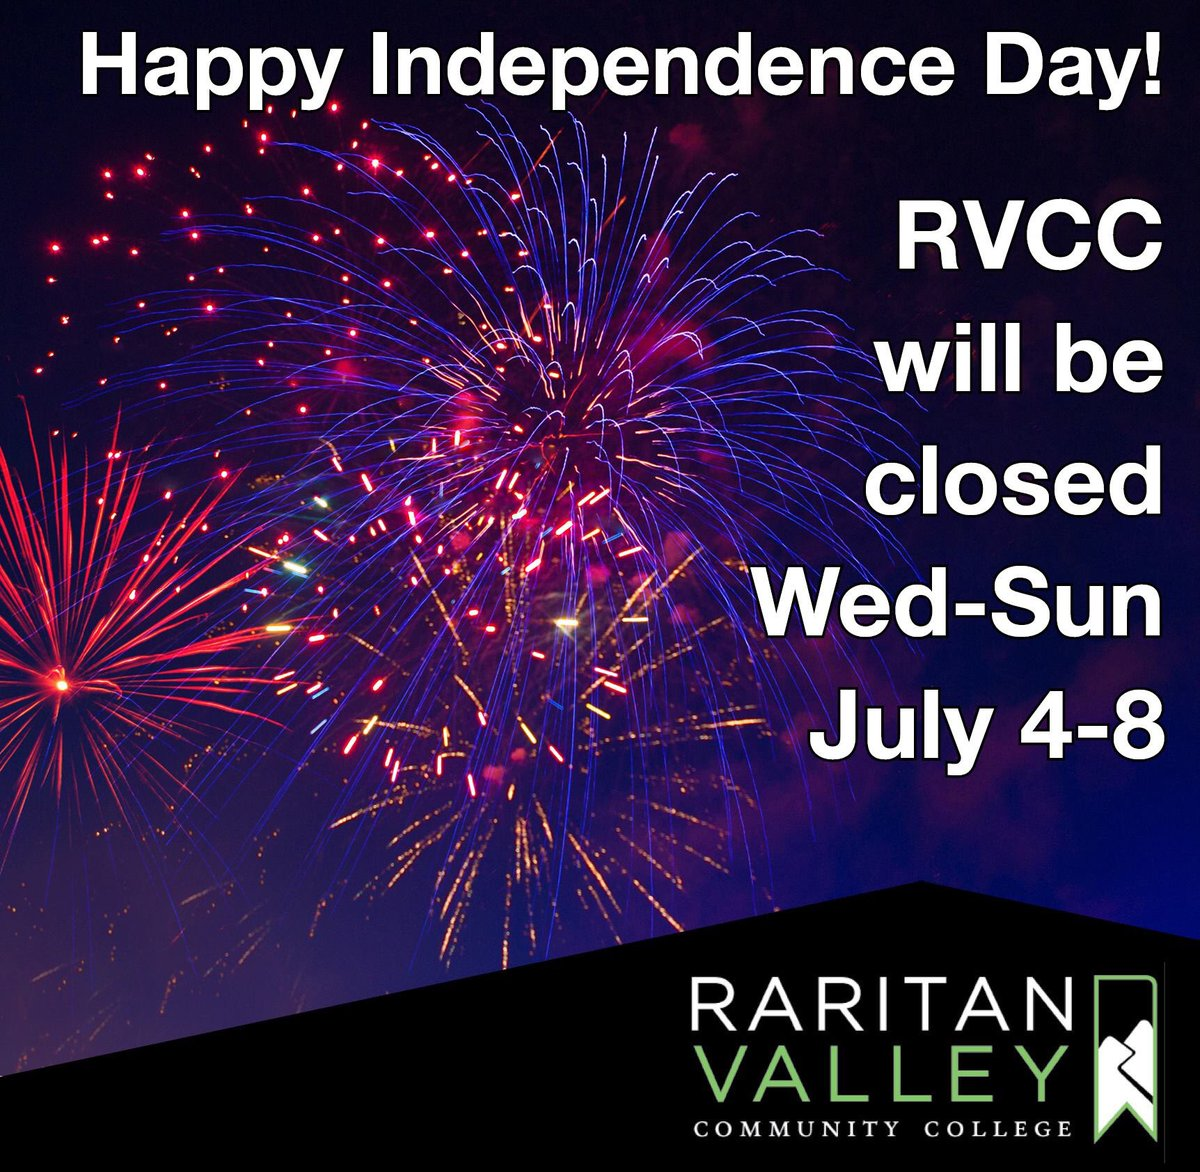 Raritan Valley CC